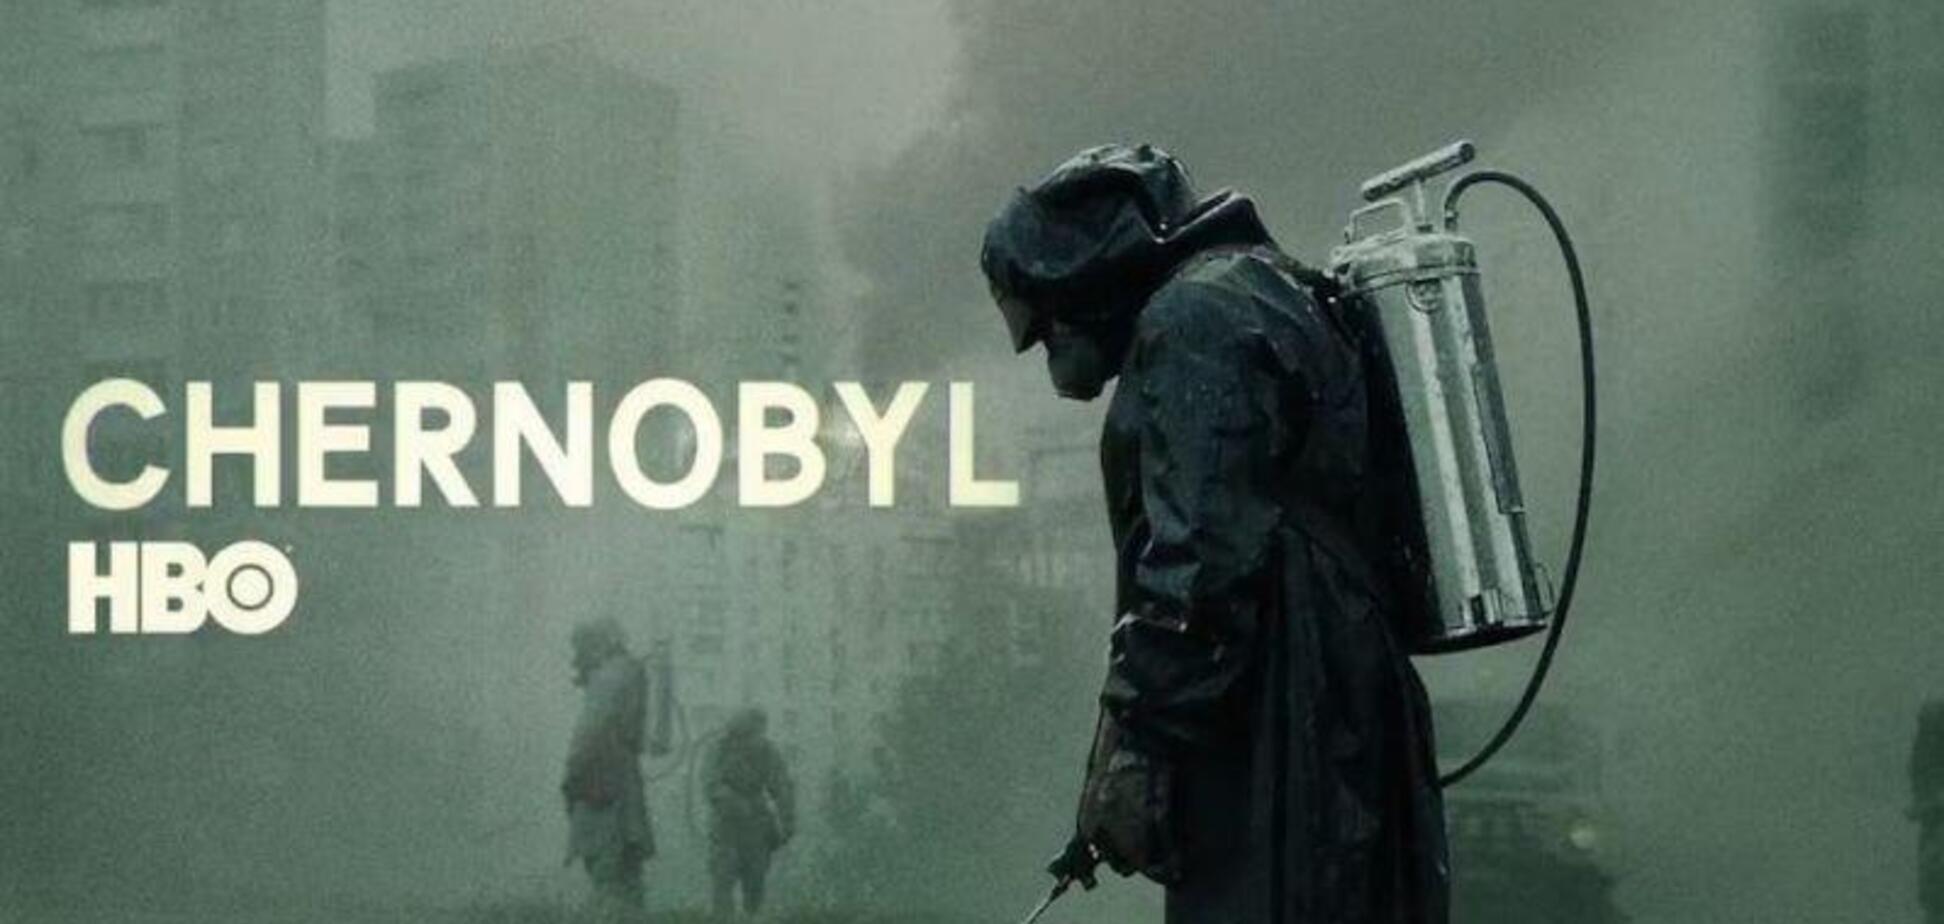 'Чернобыль' от НВО: где смотреть все серии